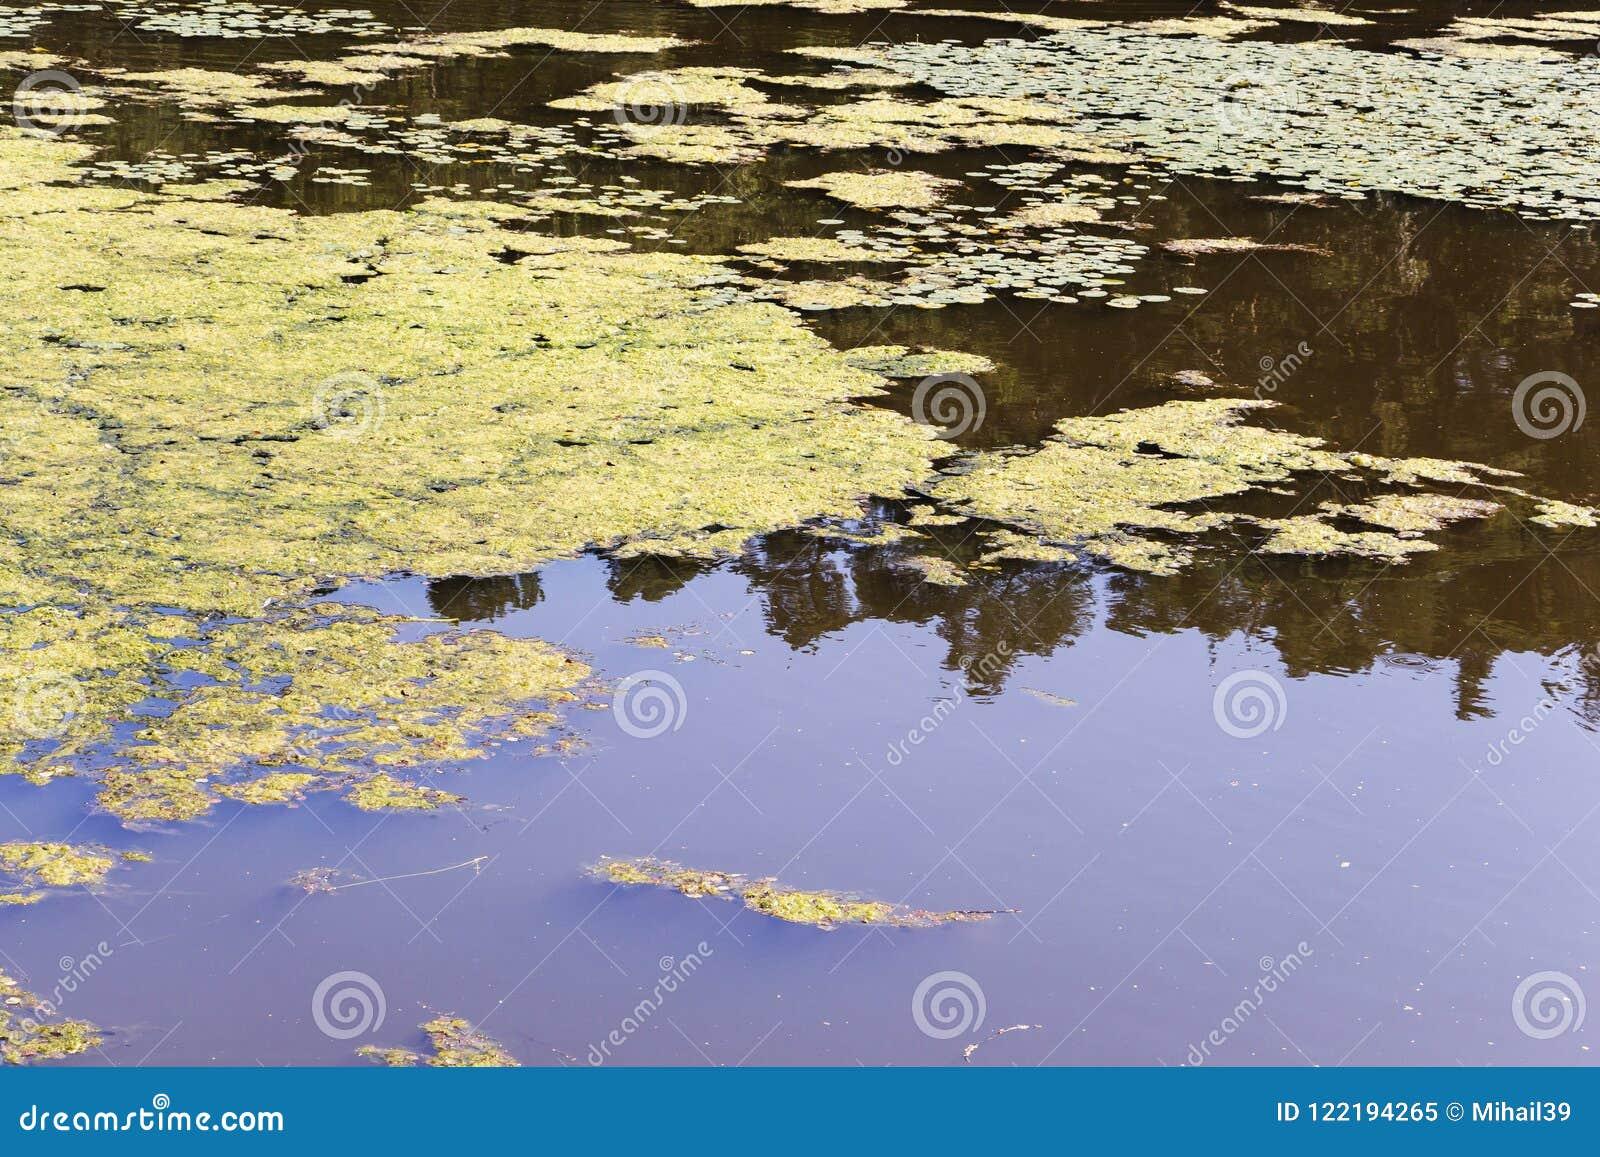 Primo piano di una fioritura d alghe in un piccolo corpo di sofferenza d acqua dolce dall eutrofizzazione severa